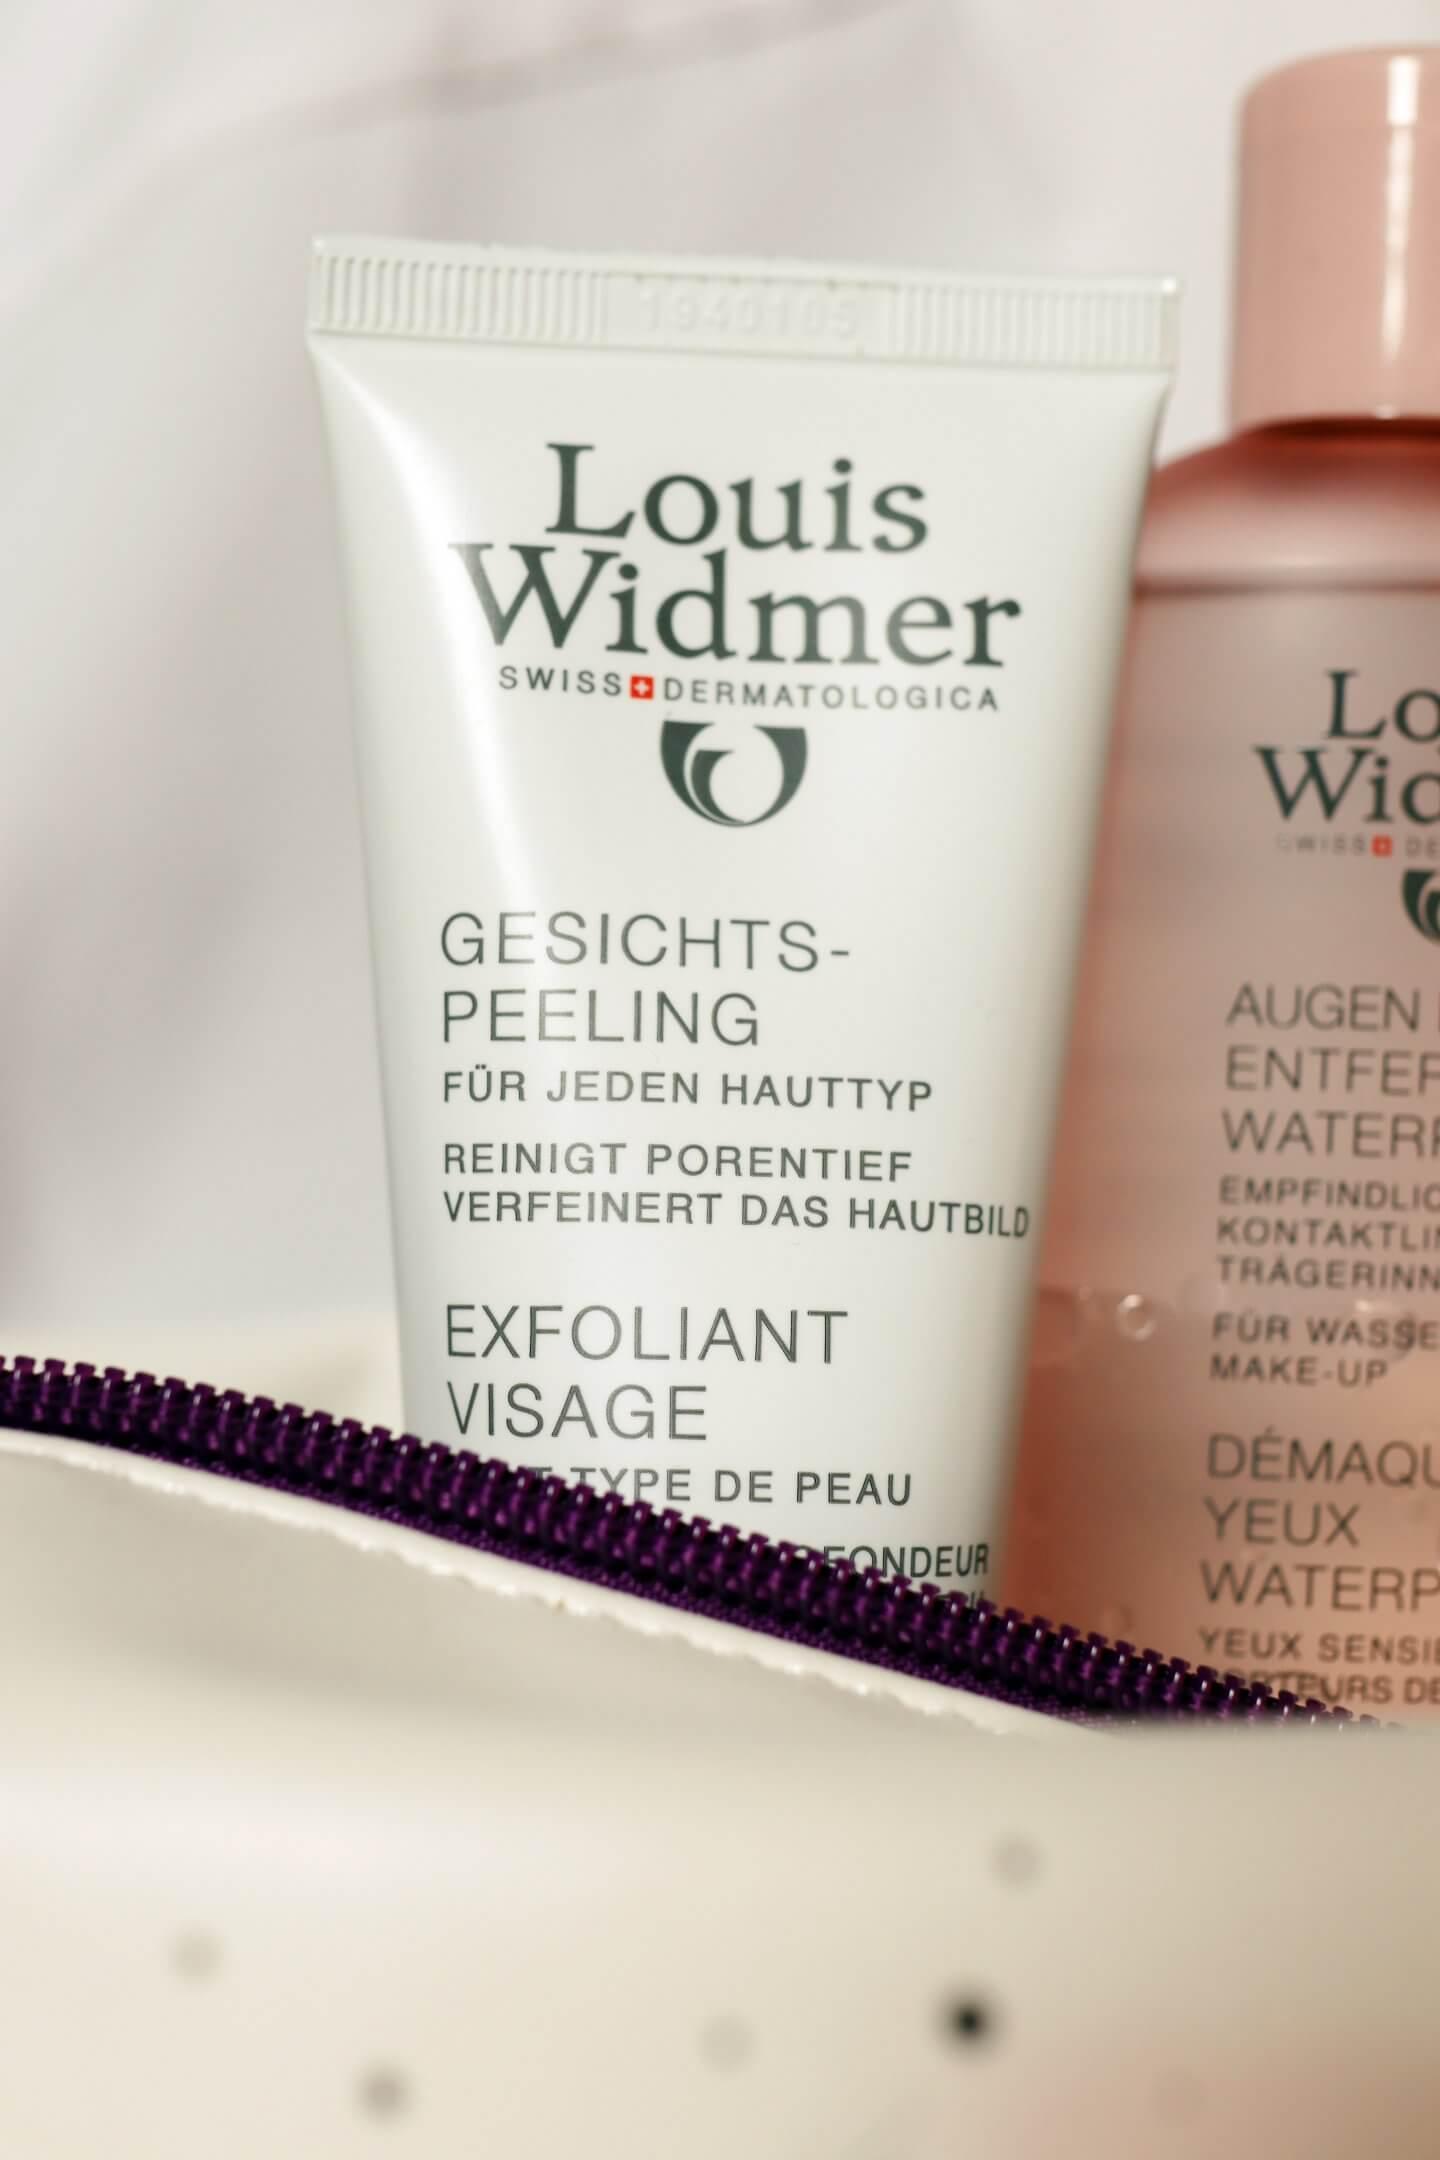 Louis Widmer Face Peeling - Actually Anna